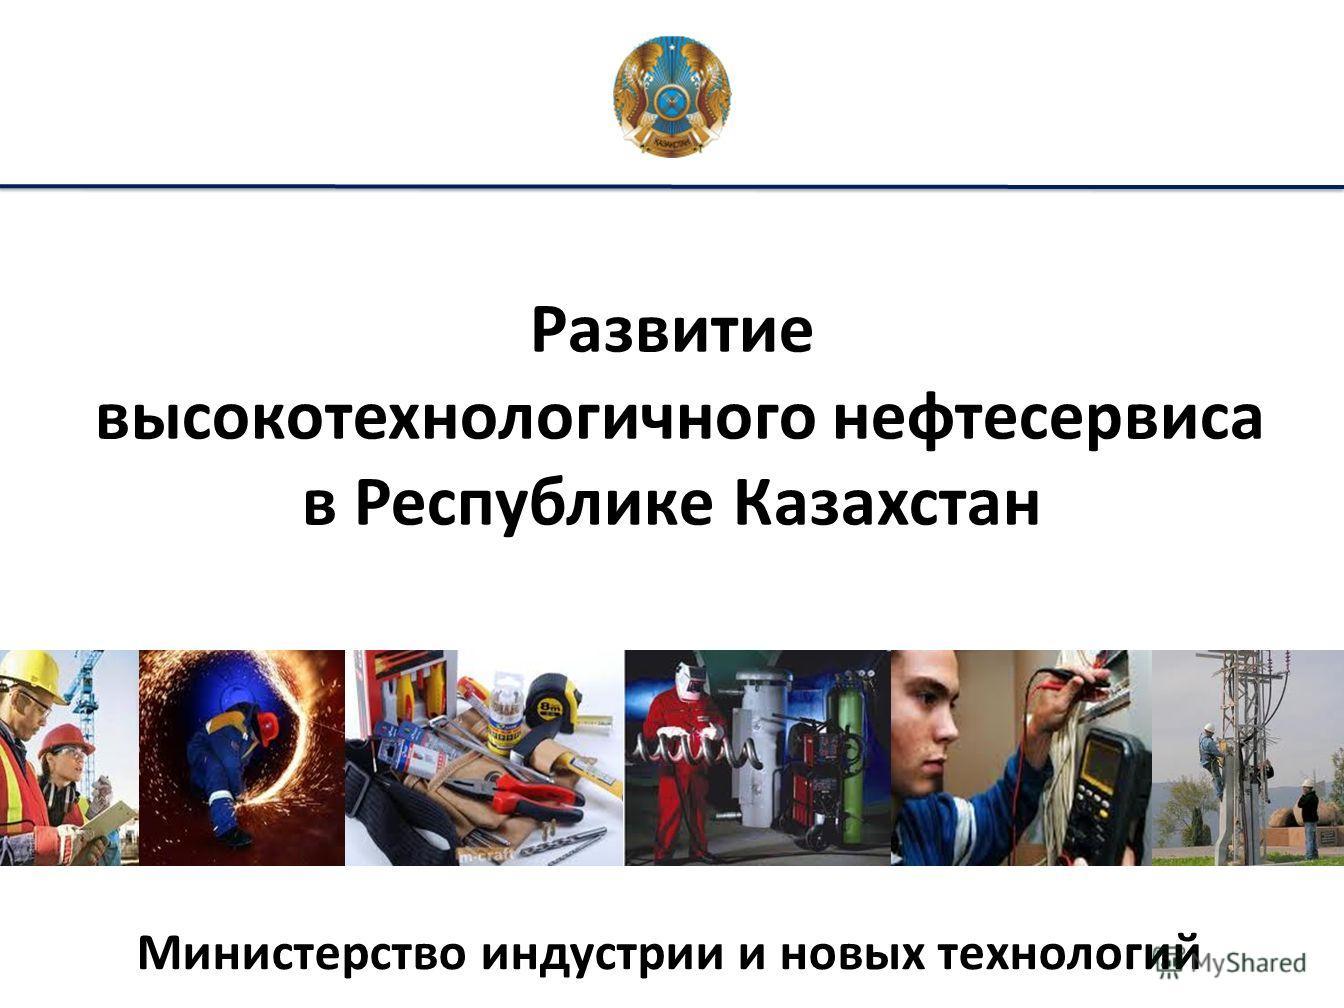 Развитие высокотехнологичного нефтесервиса в Республике Казахстан Министерство индустрии и новых технологий